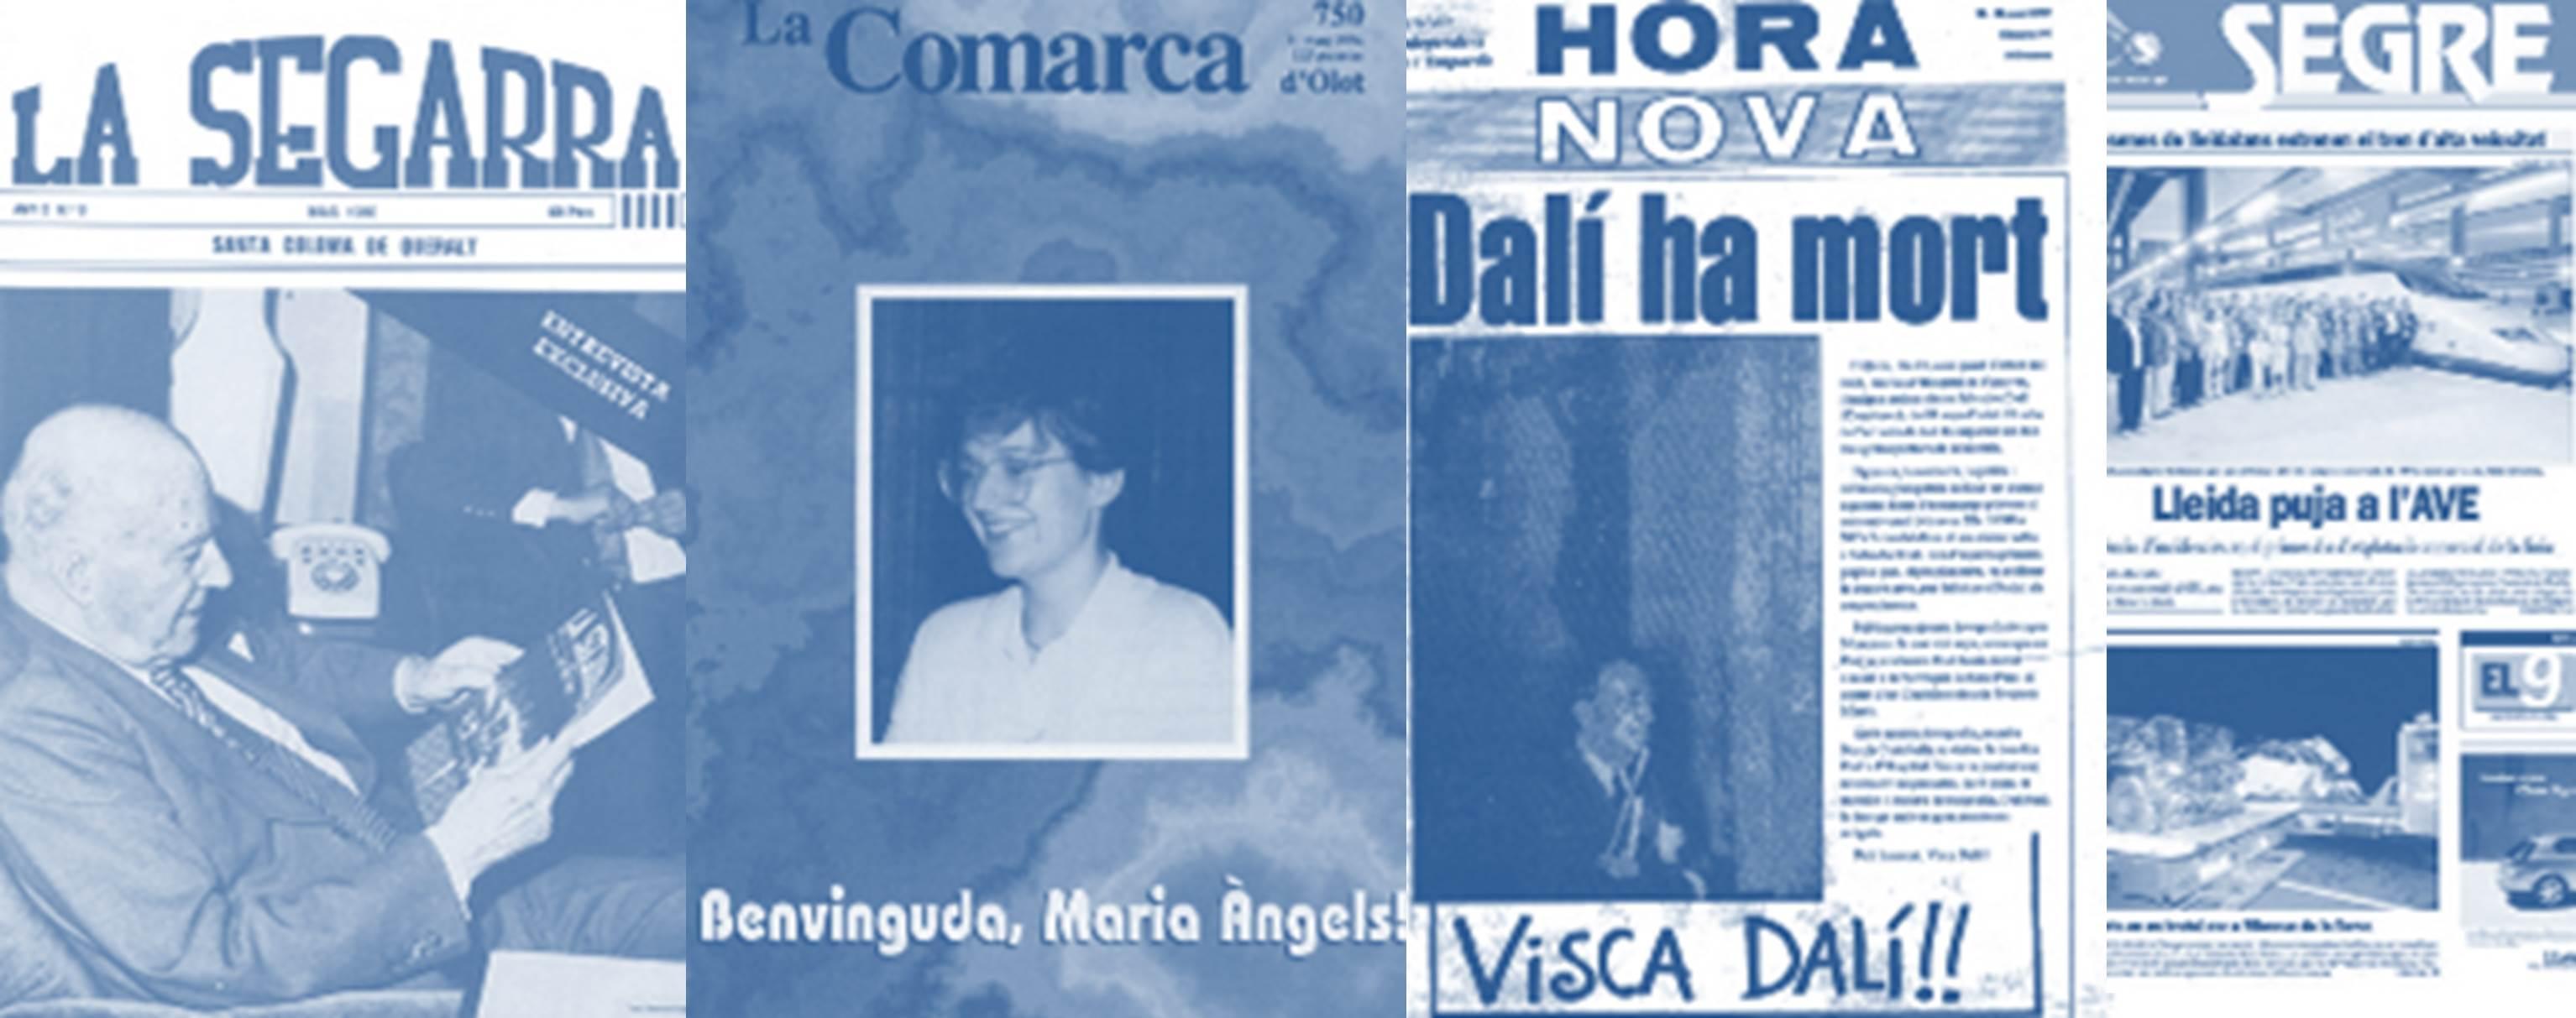 L'ACPC celebra 35 anys publicant les portades dels fets més destacats succeïts a Catalunya